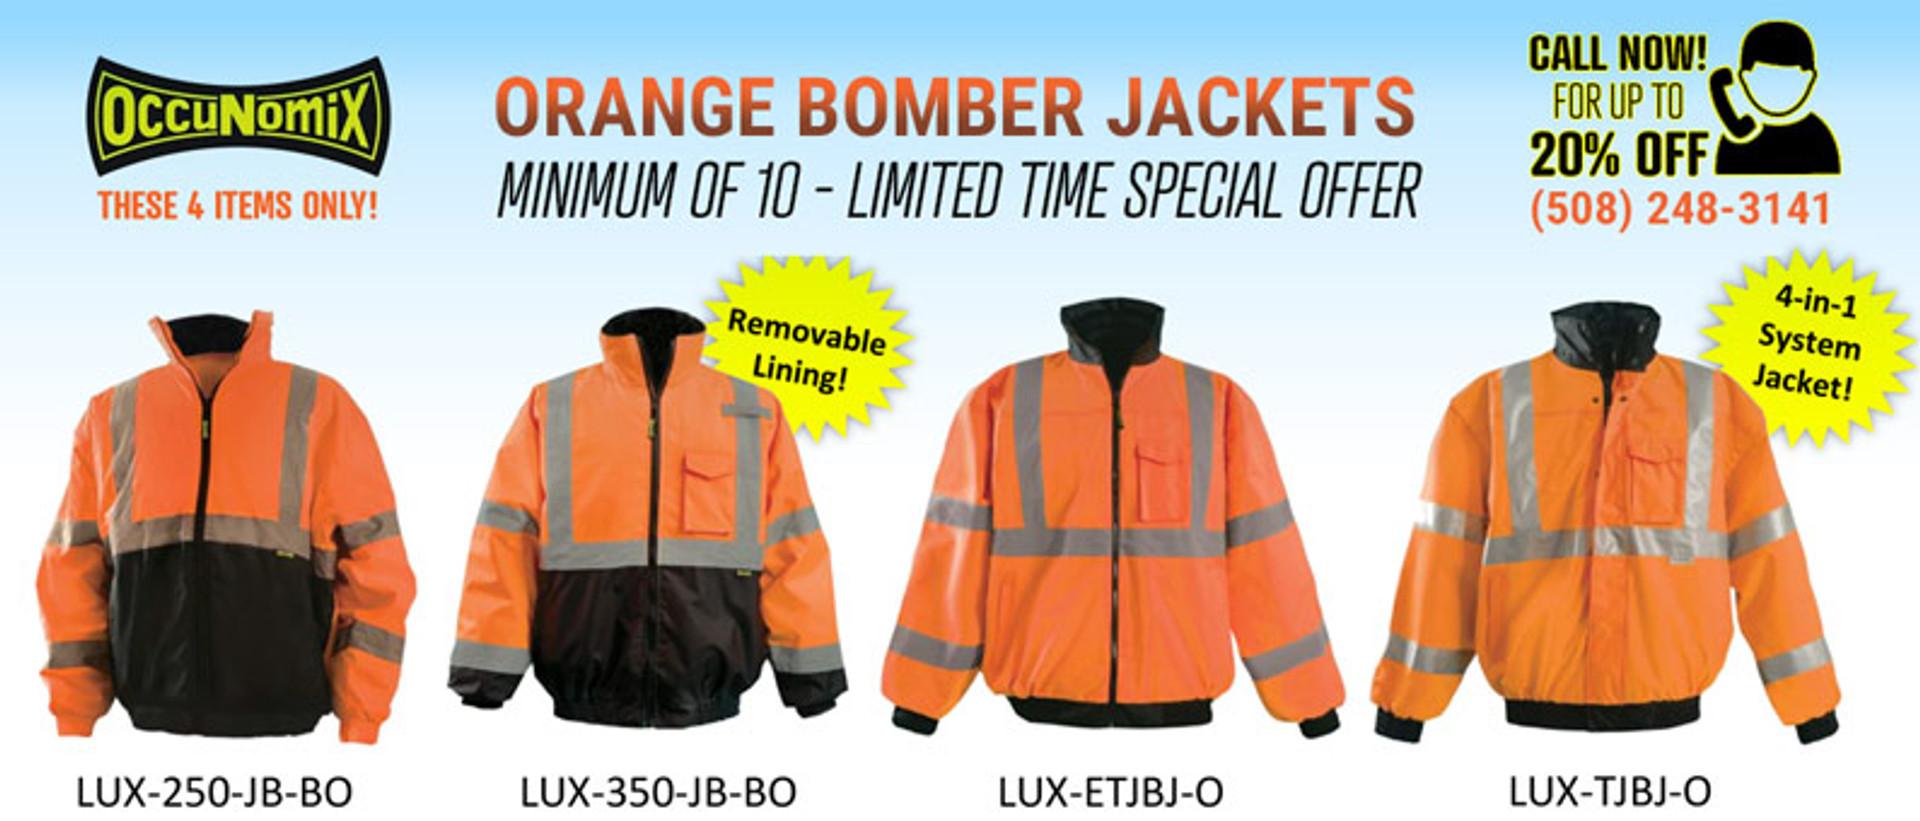 Orange Bomber Jackets Special Offer